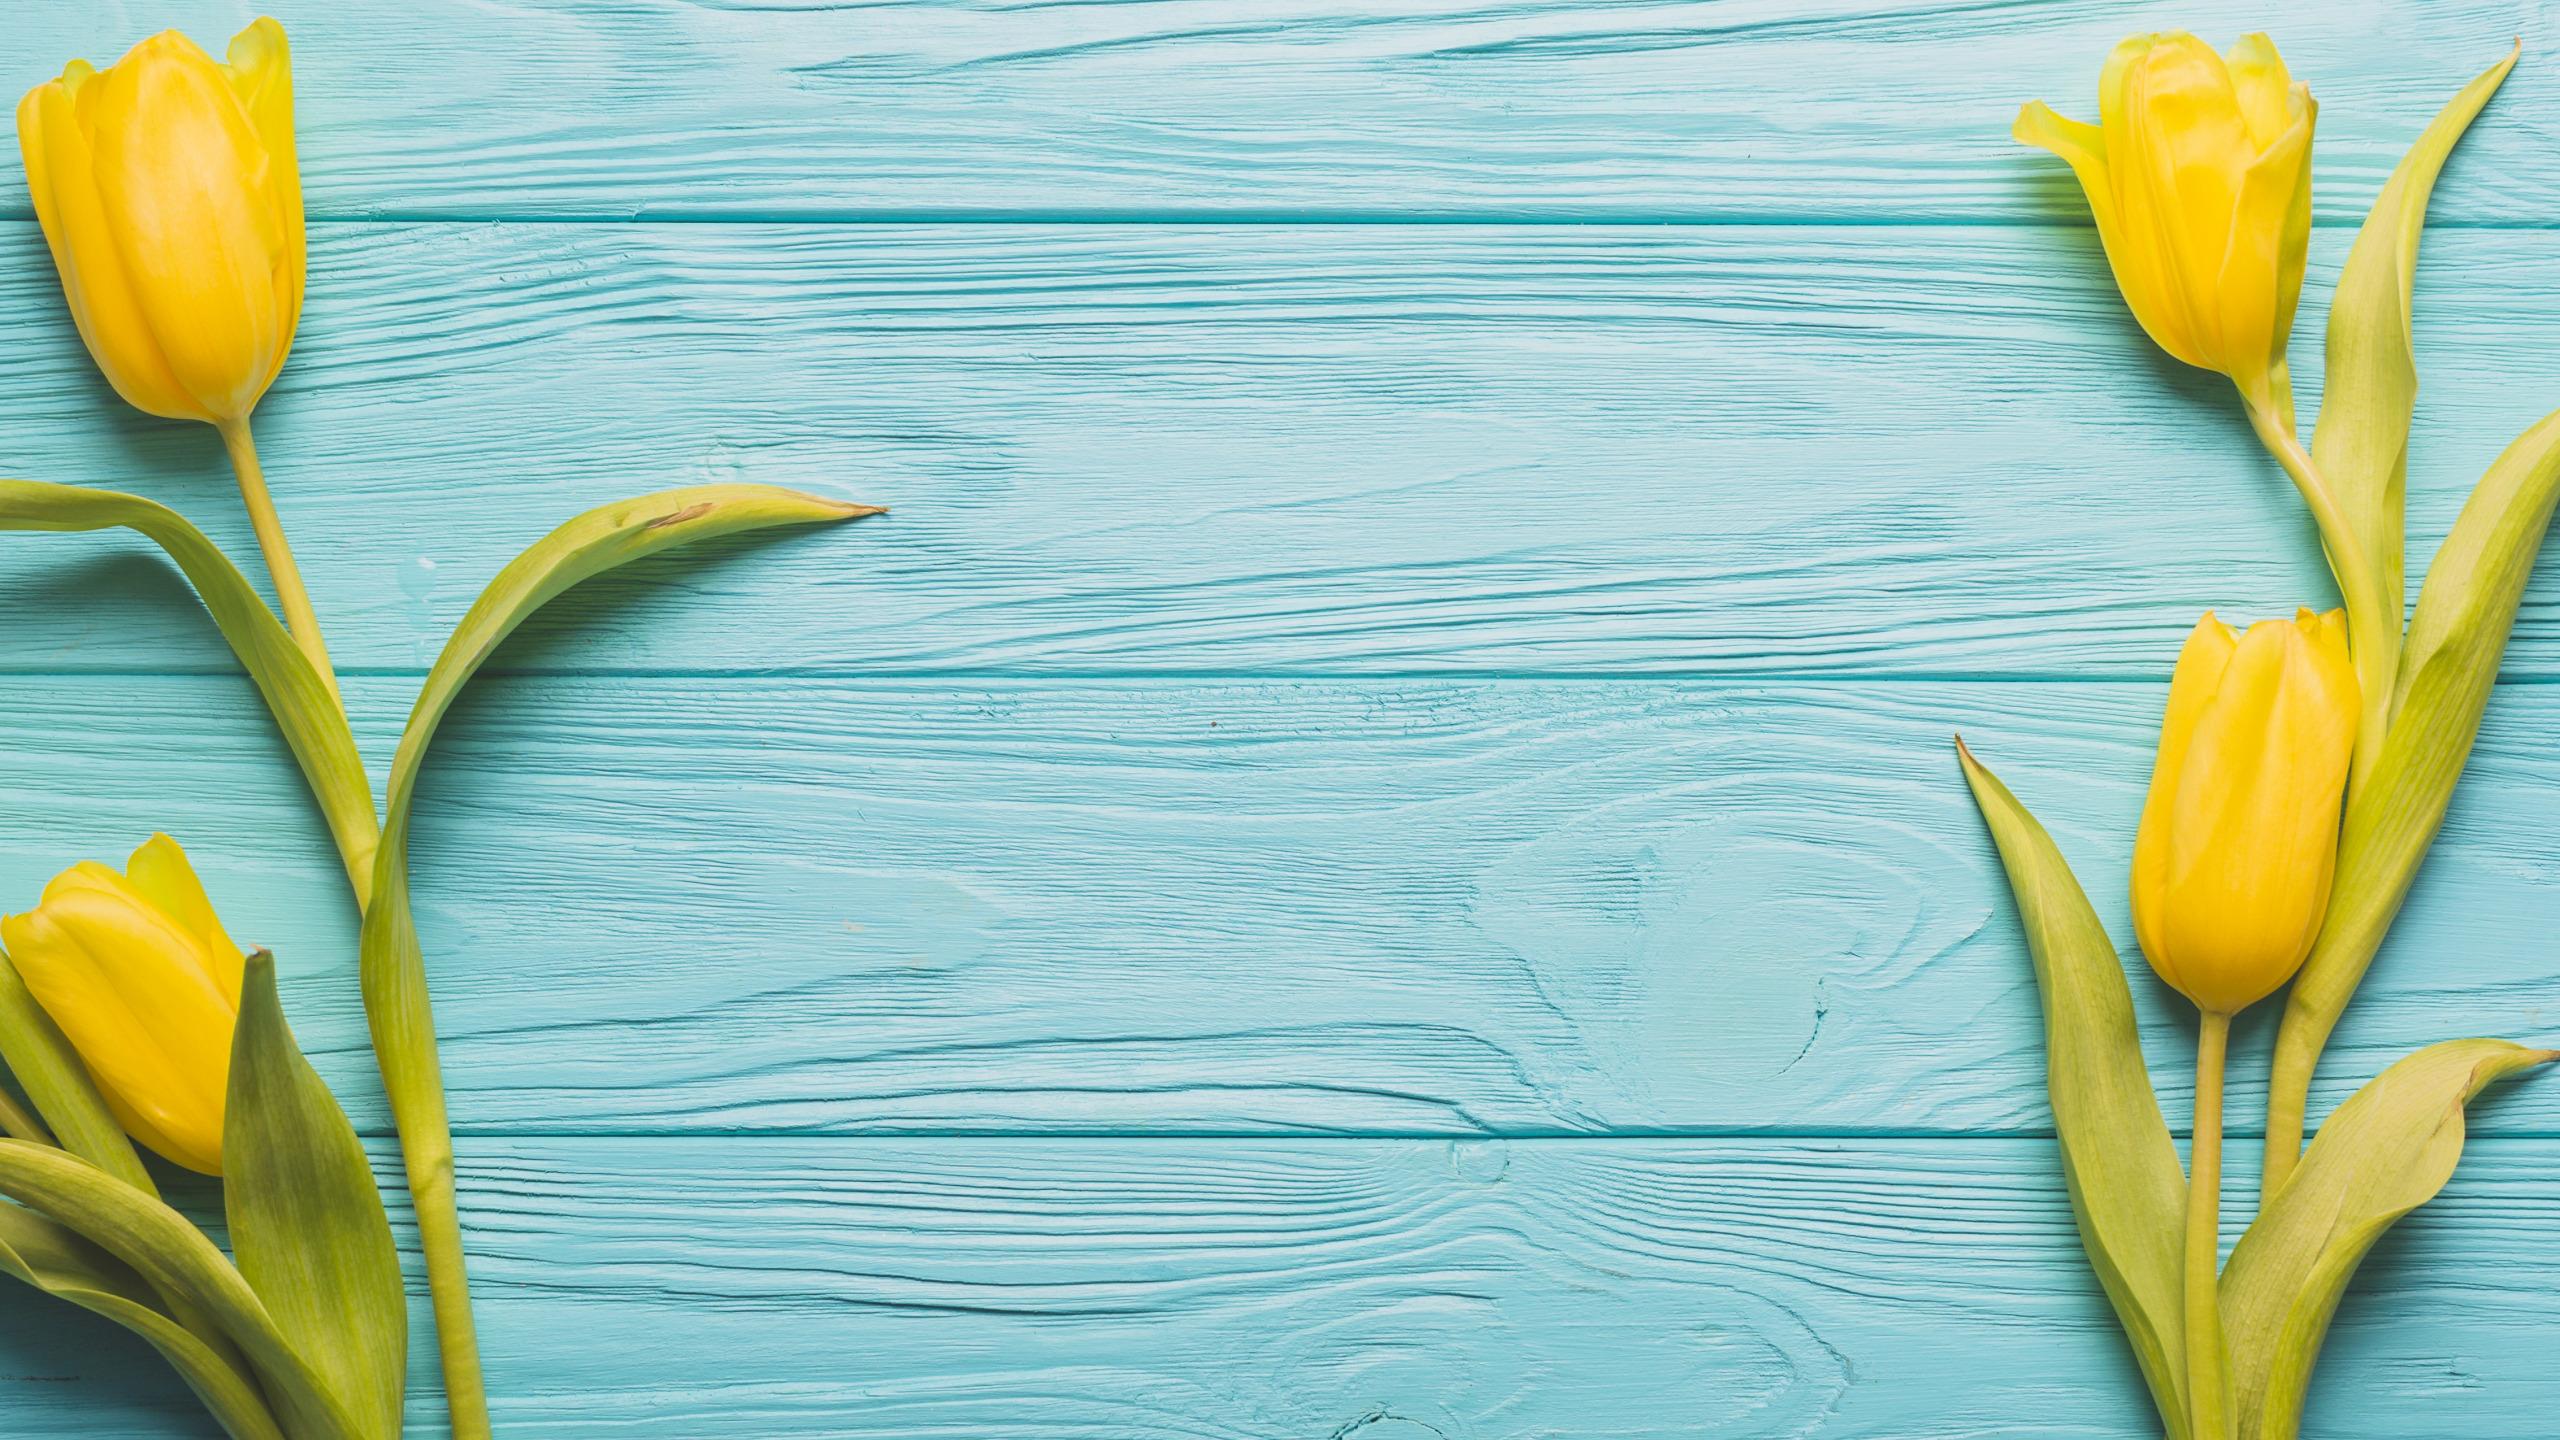 крайне редко желто бирюзовые картинки рукоять цевье